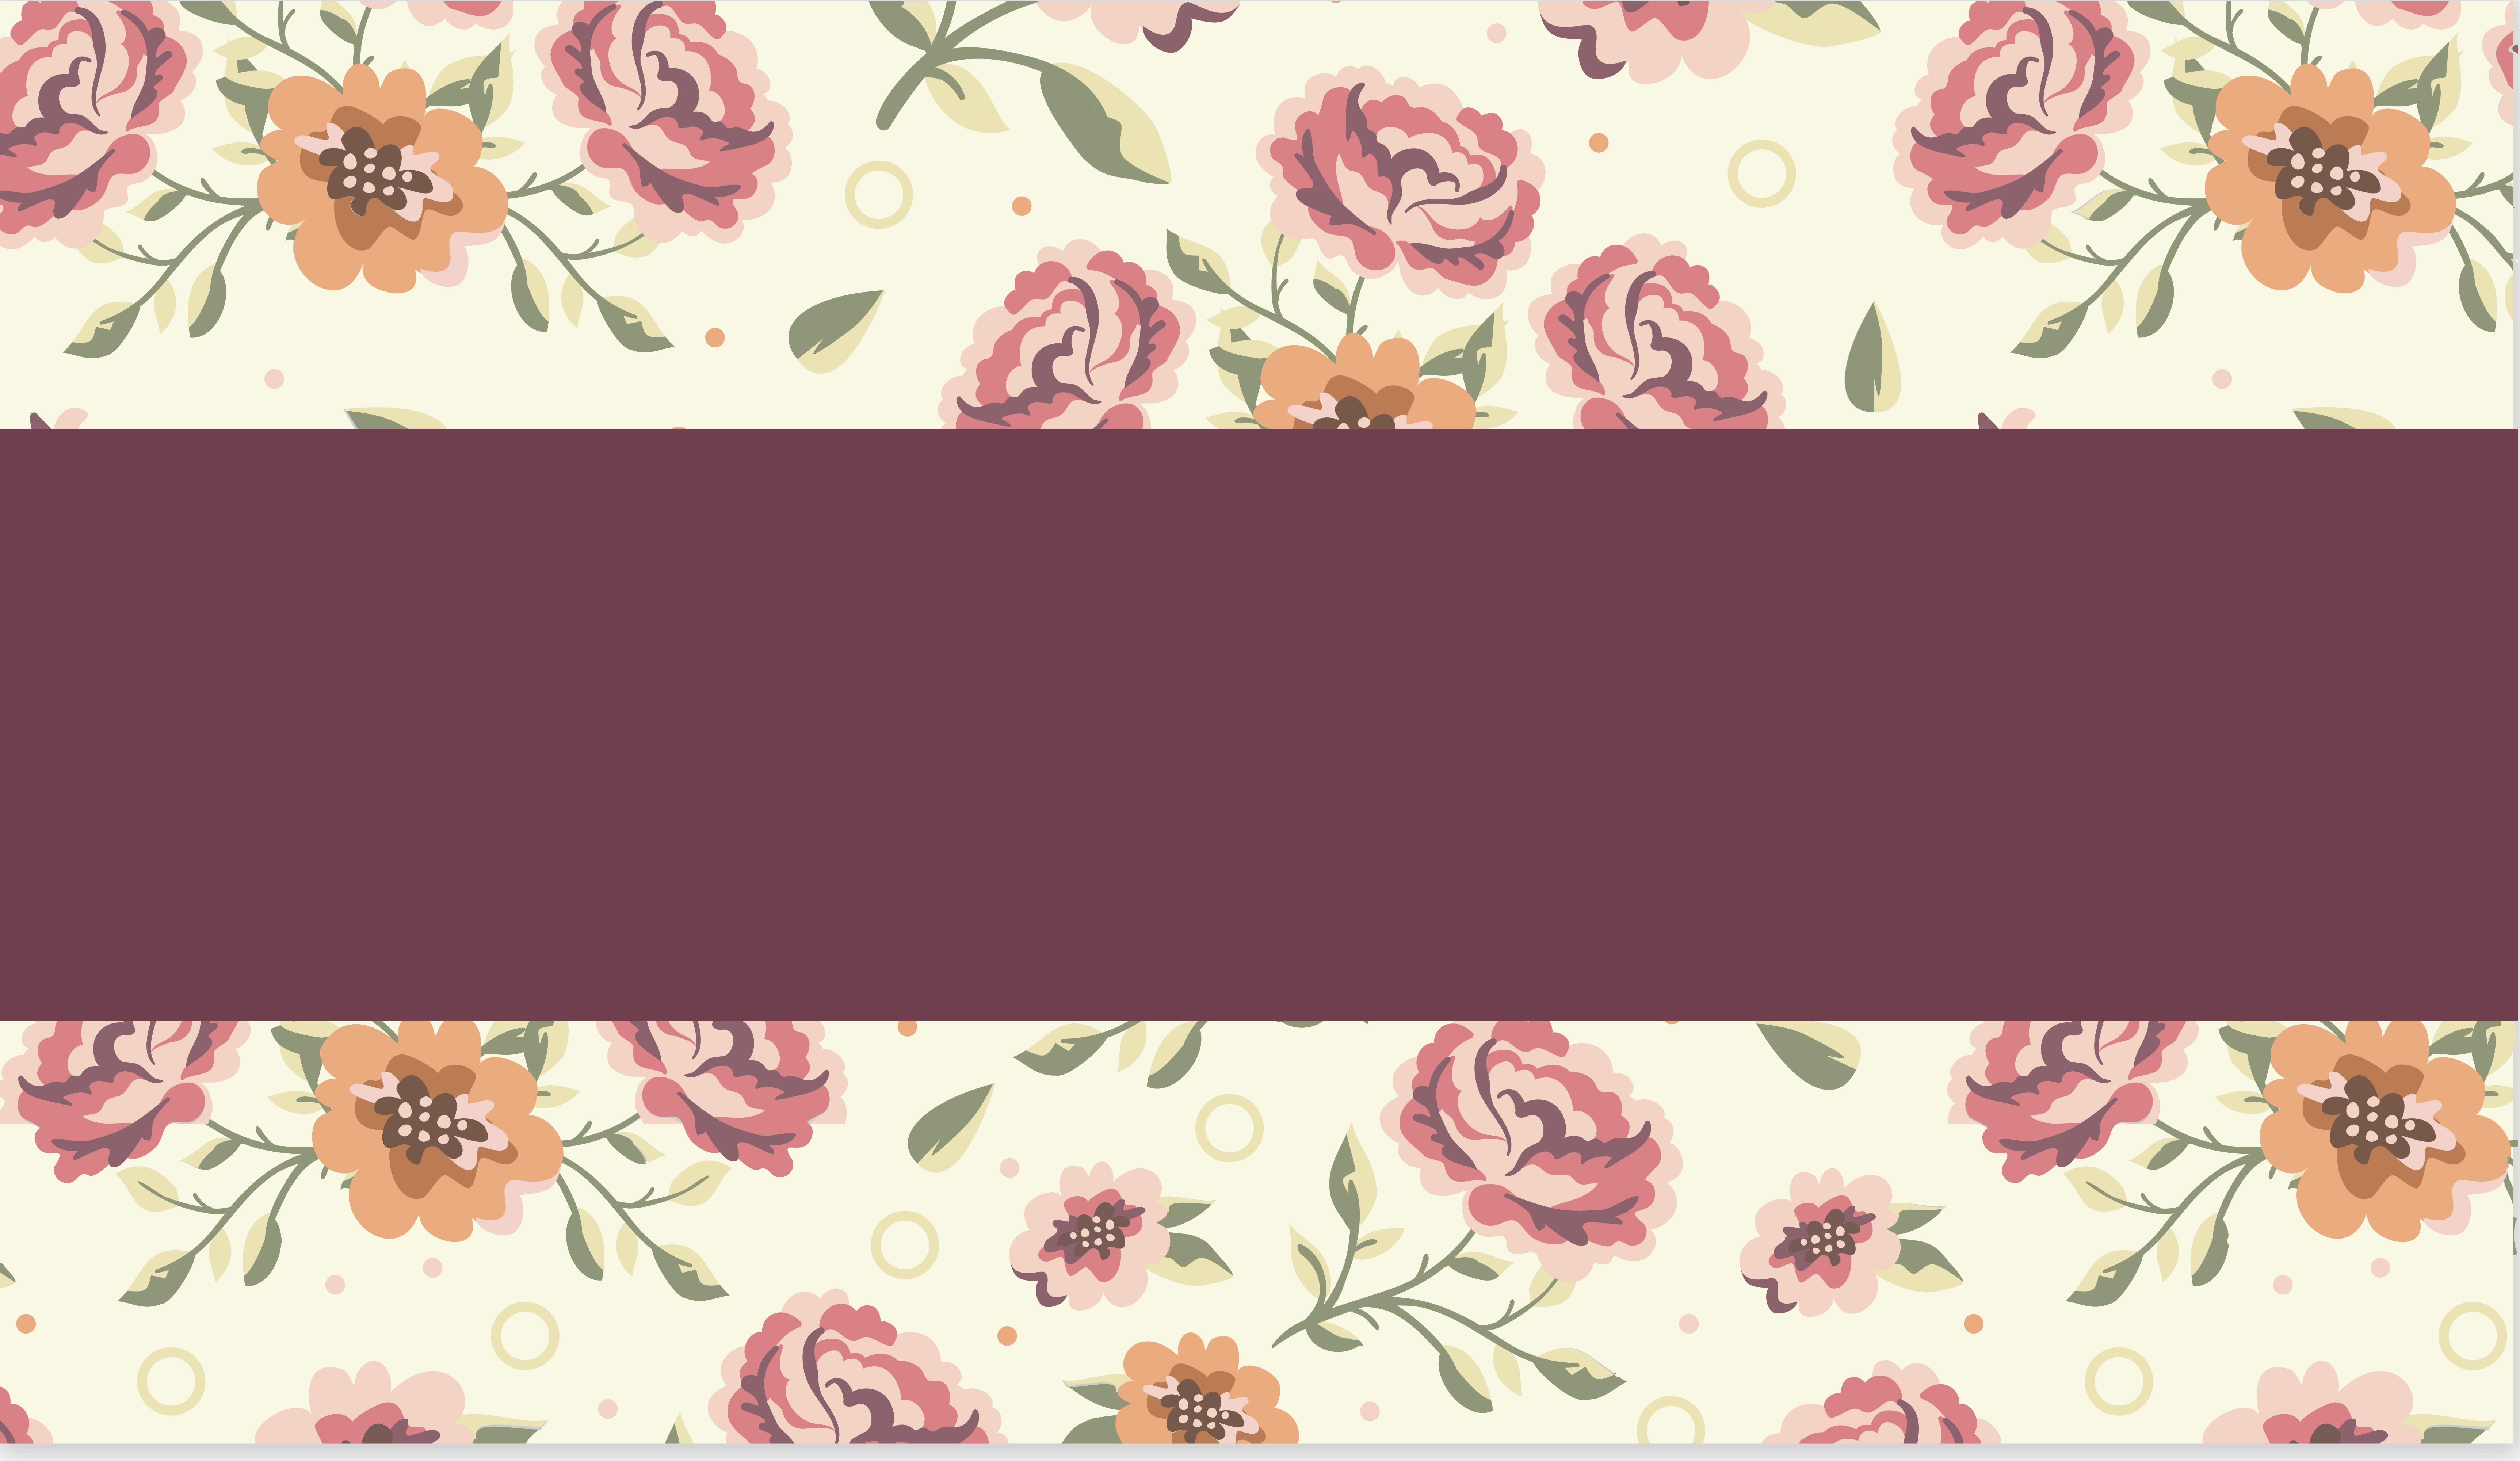 floral design flor padr u00e3o background cor de rosa folha